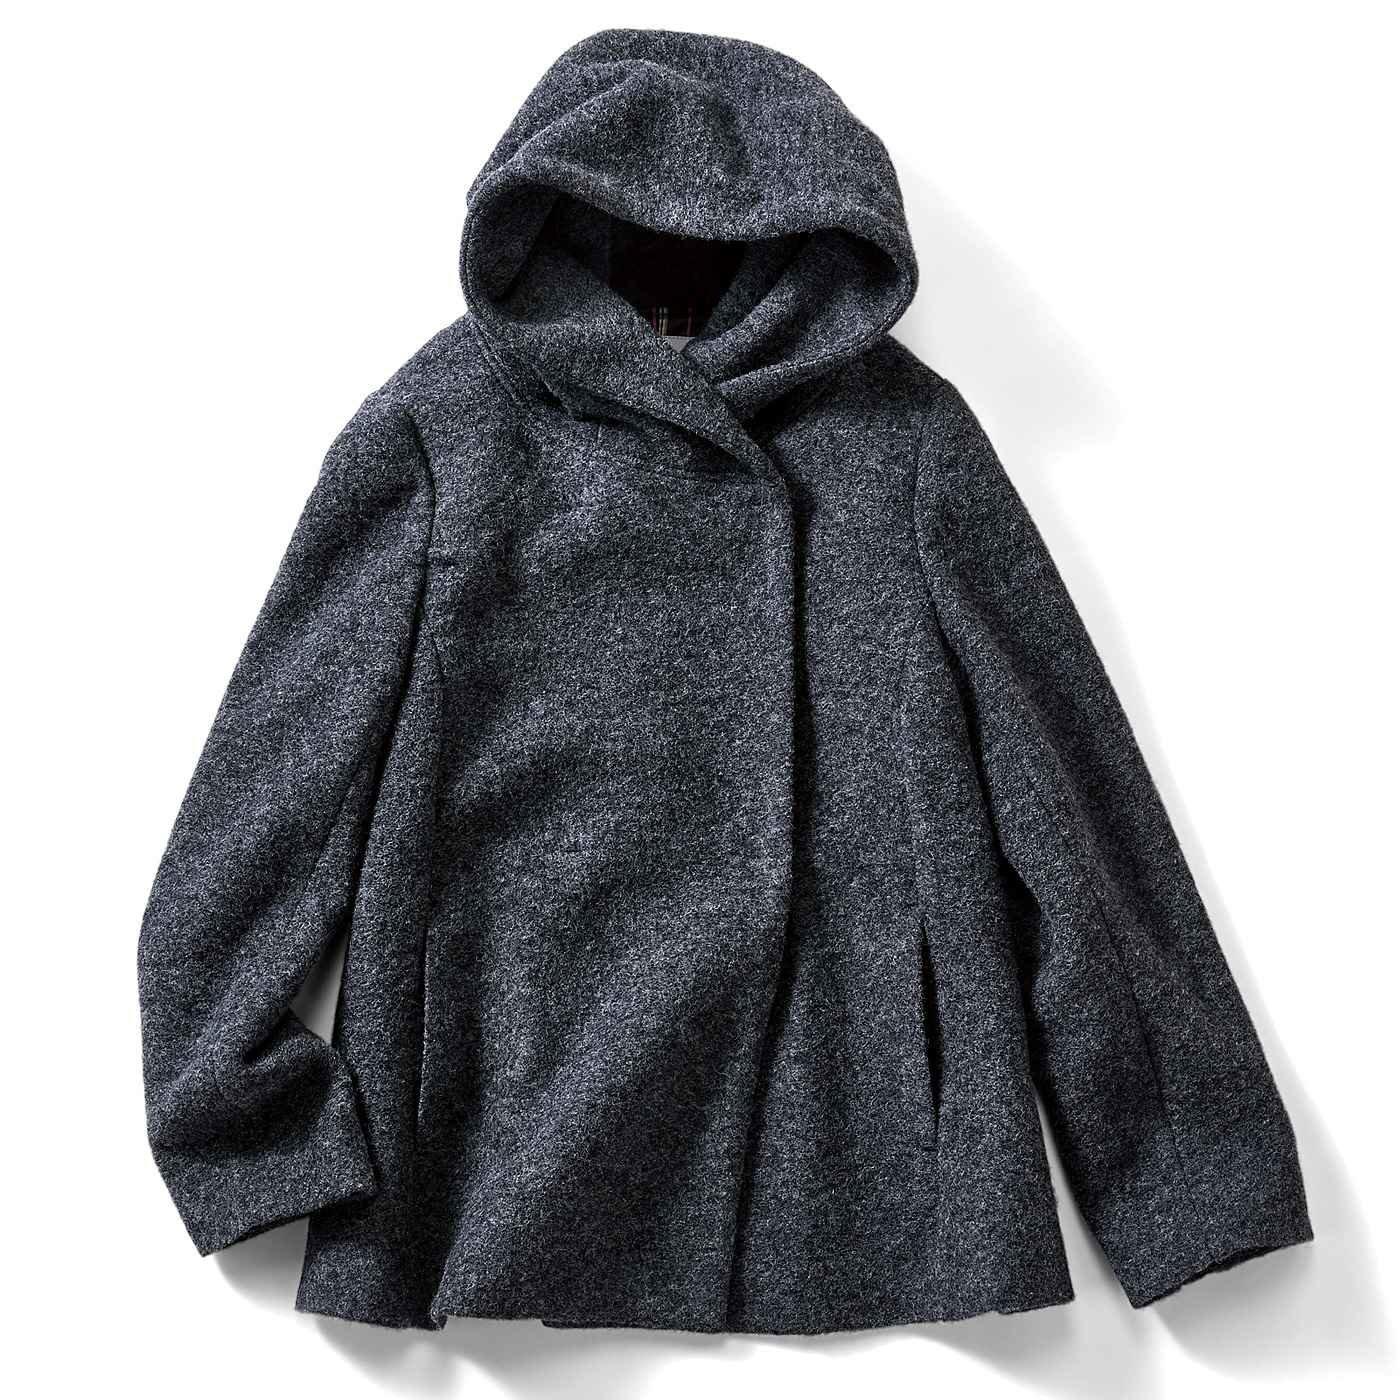 IEDIT スライバーニット素材で軽くて暖か どんなコーデにも合わせやすいショート丈フーデッドコート〈グレー〉